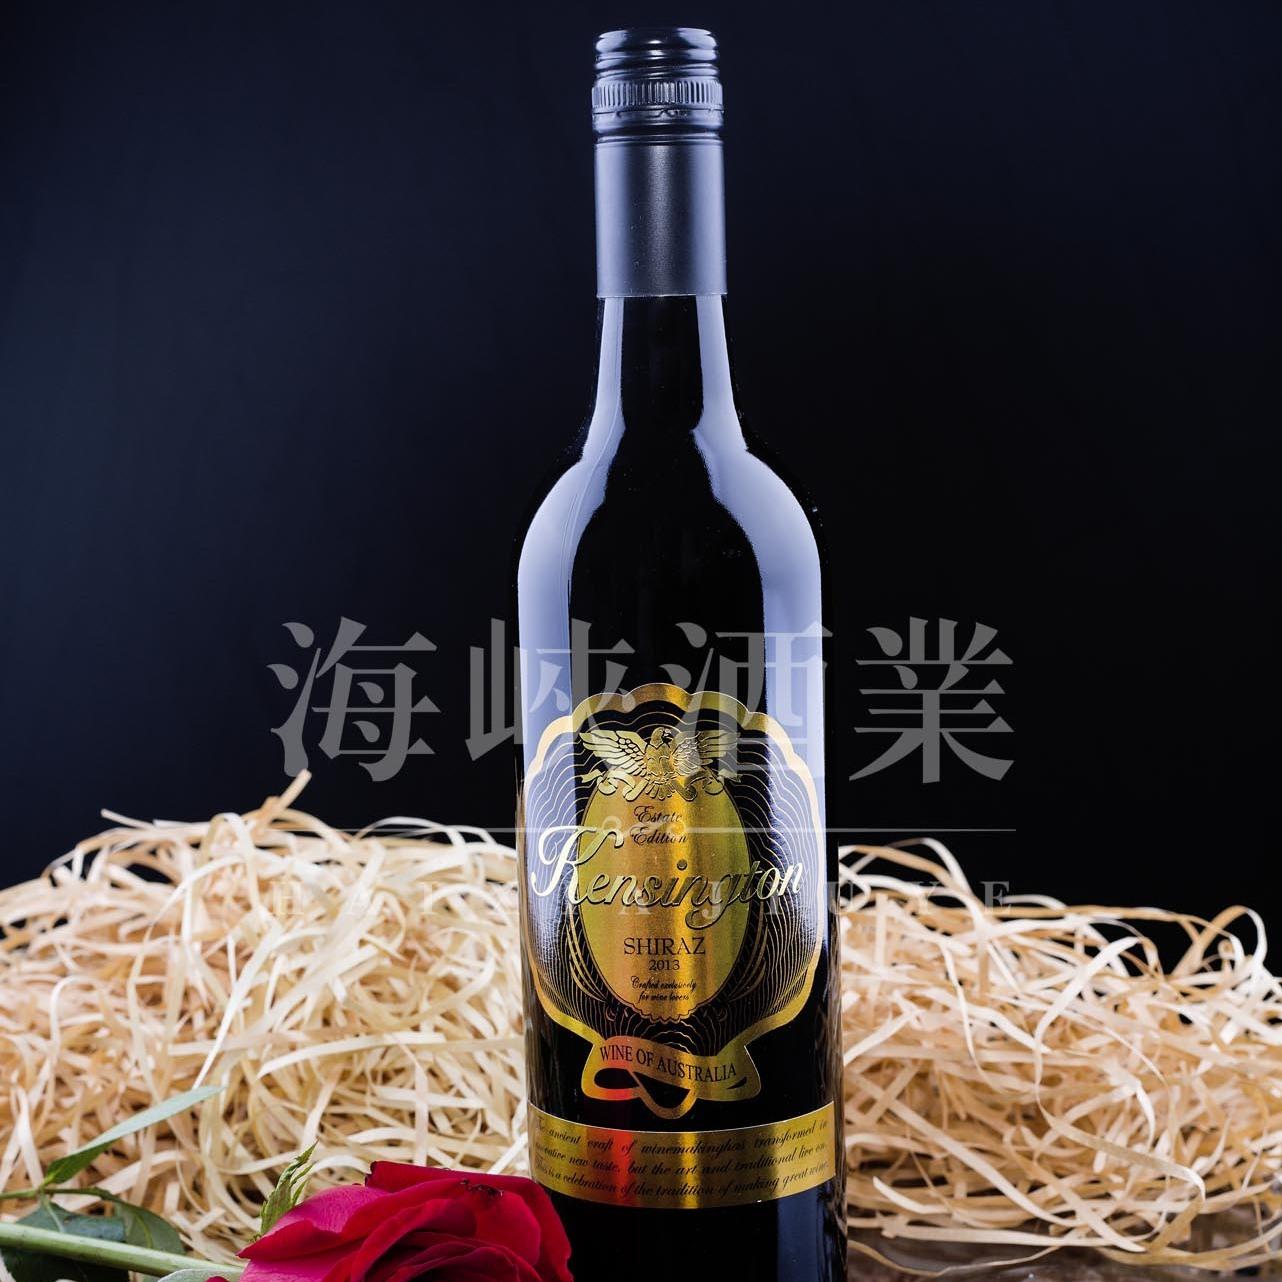 海峡酒业肯辛顿红酒